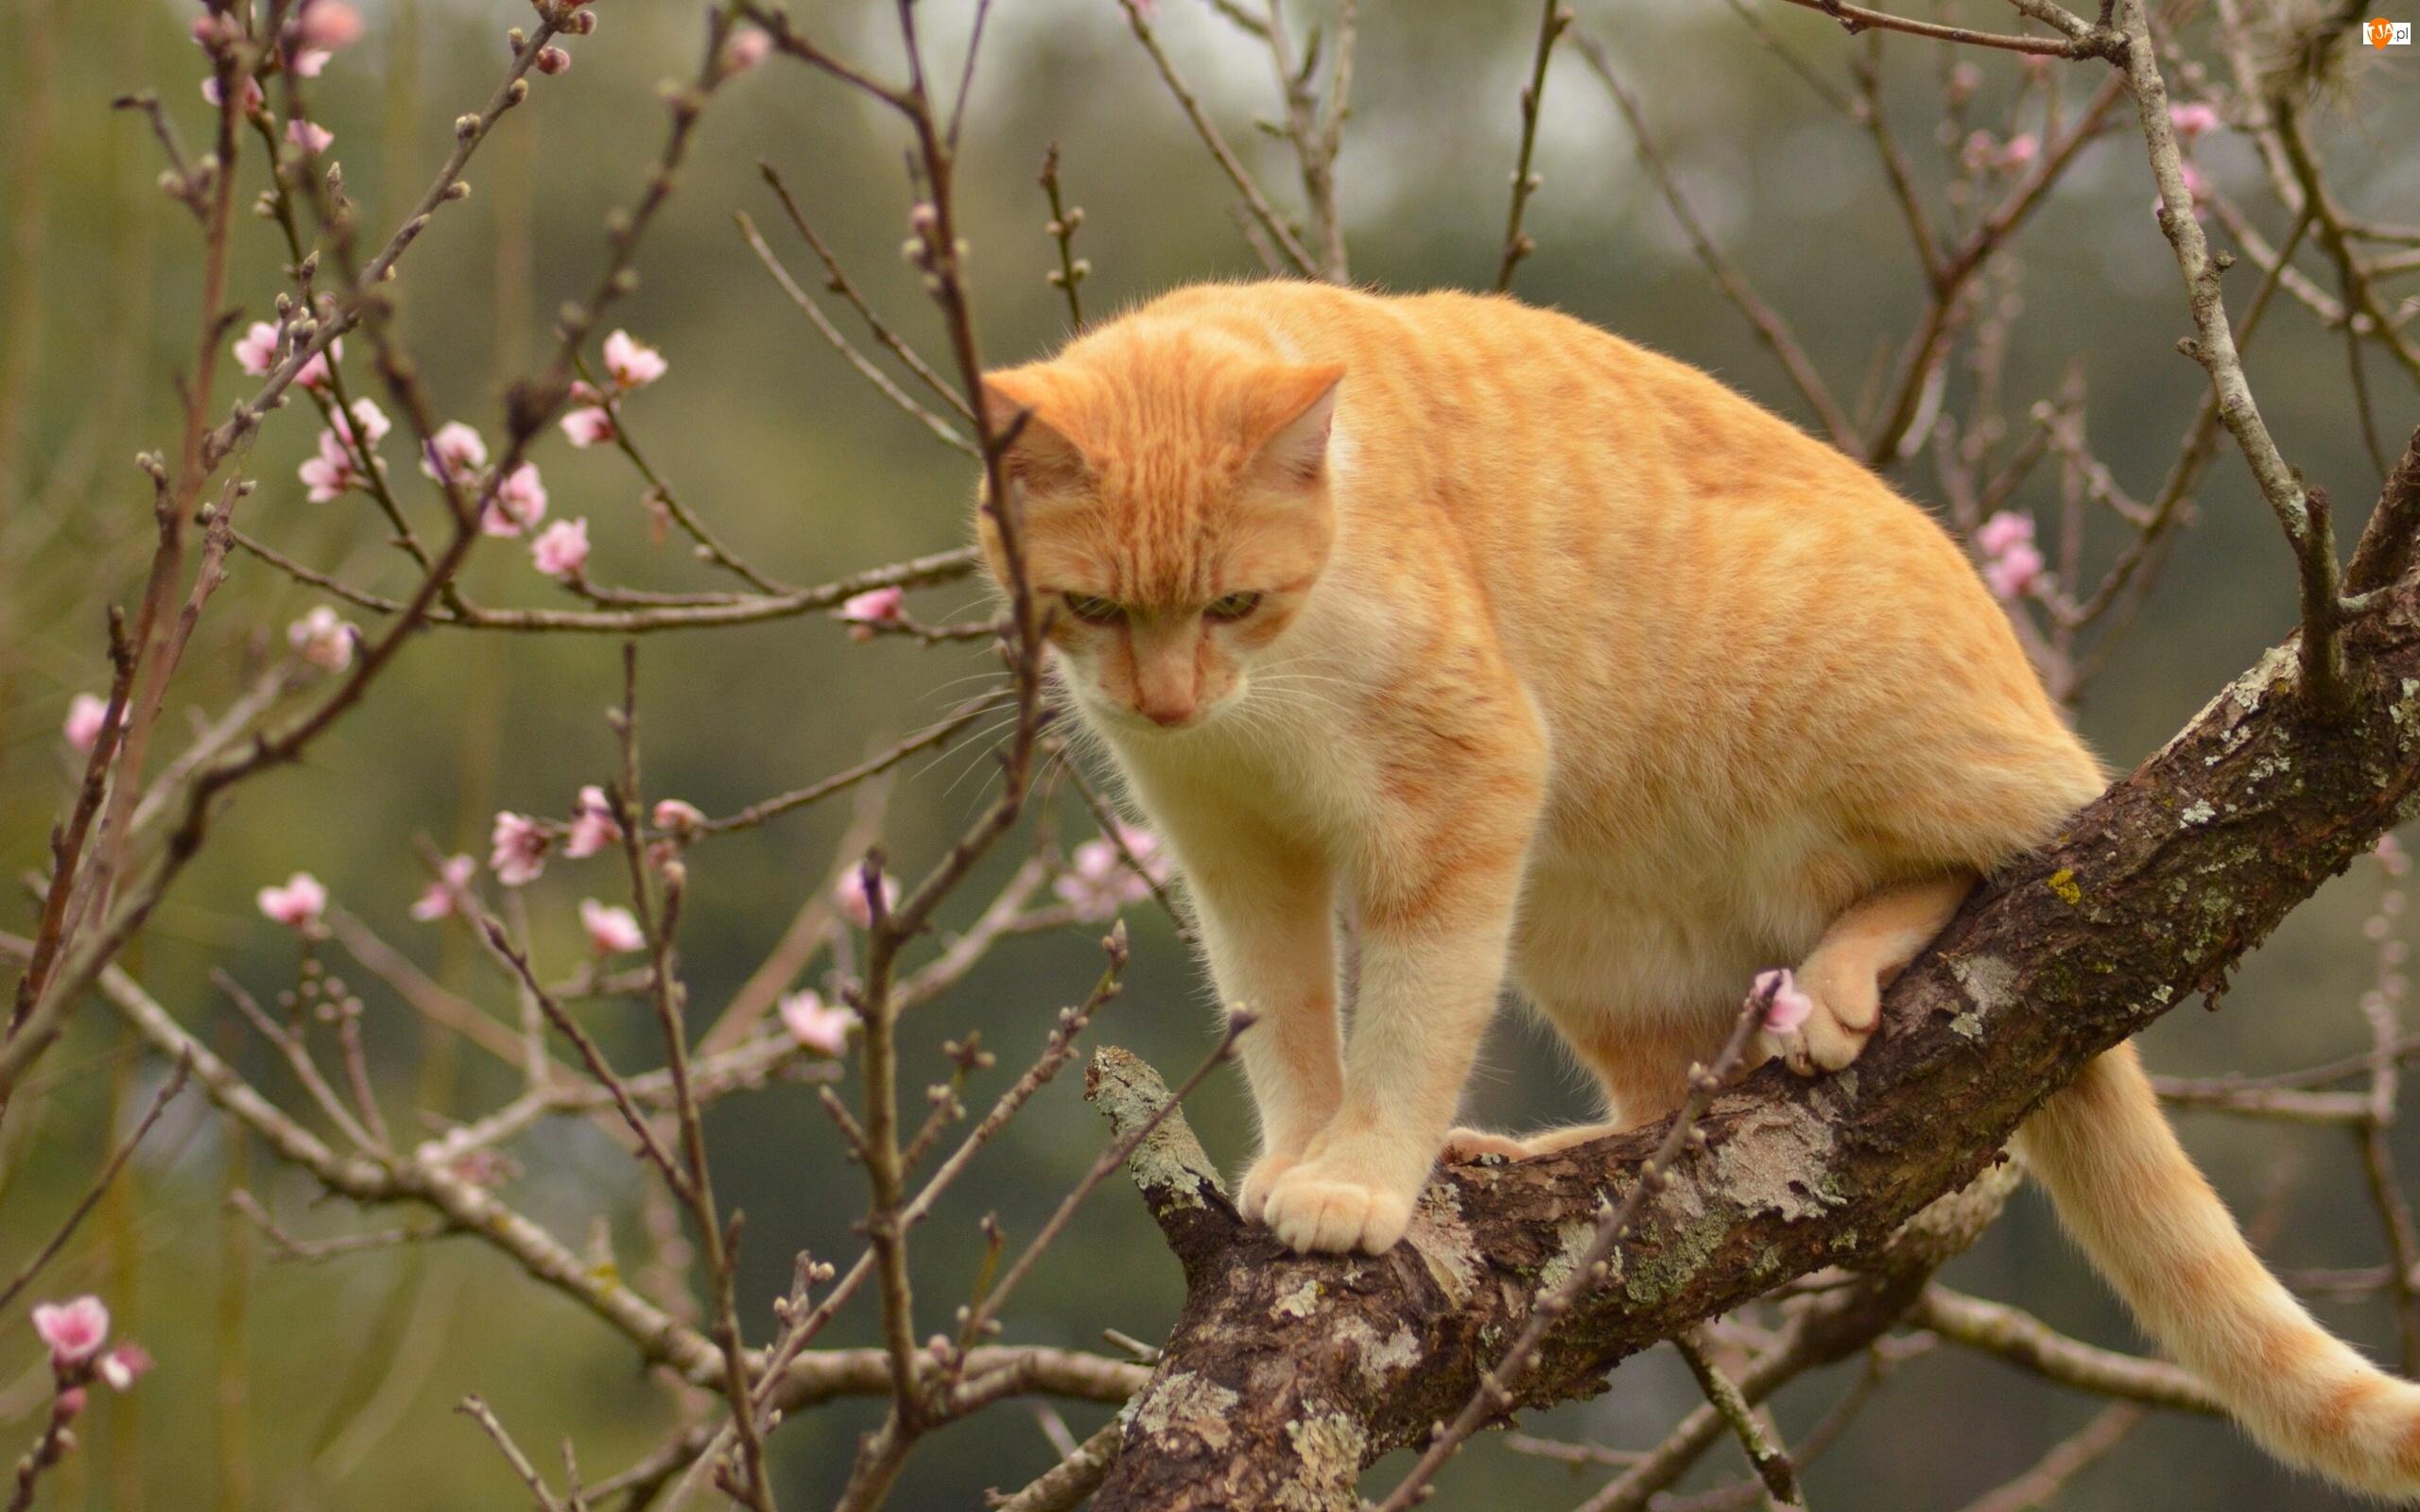 Kwitnące Drzewo Wiosna Rudy Kot